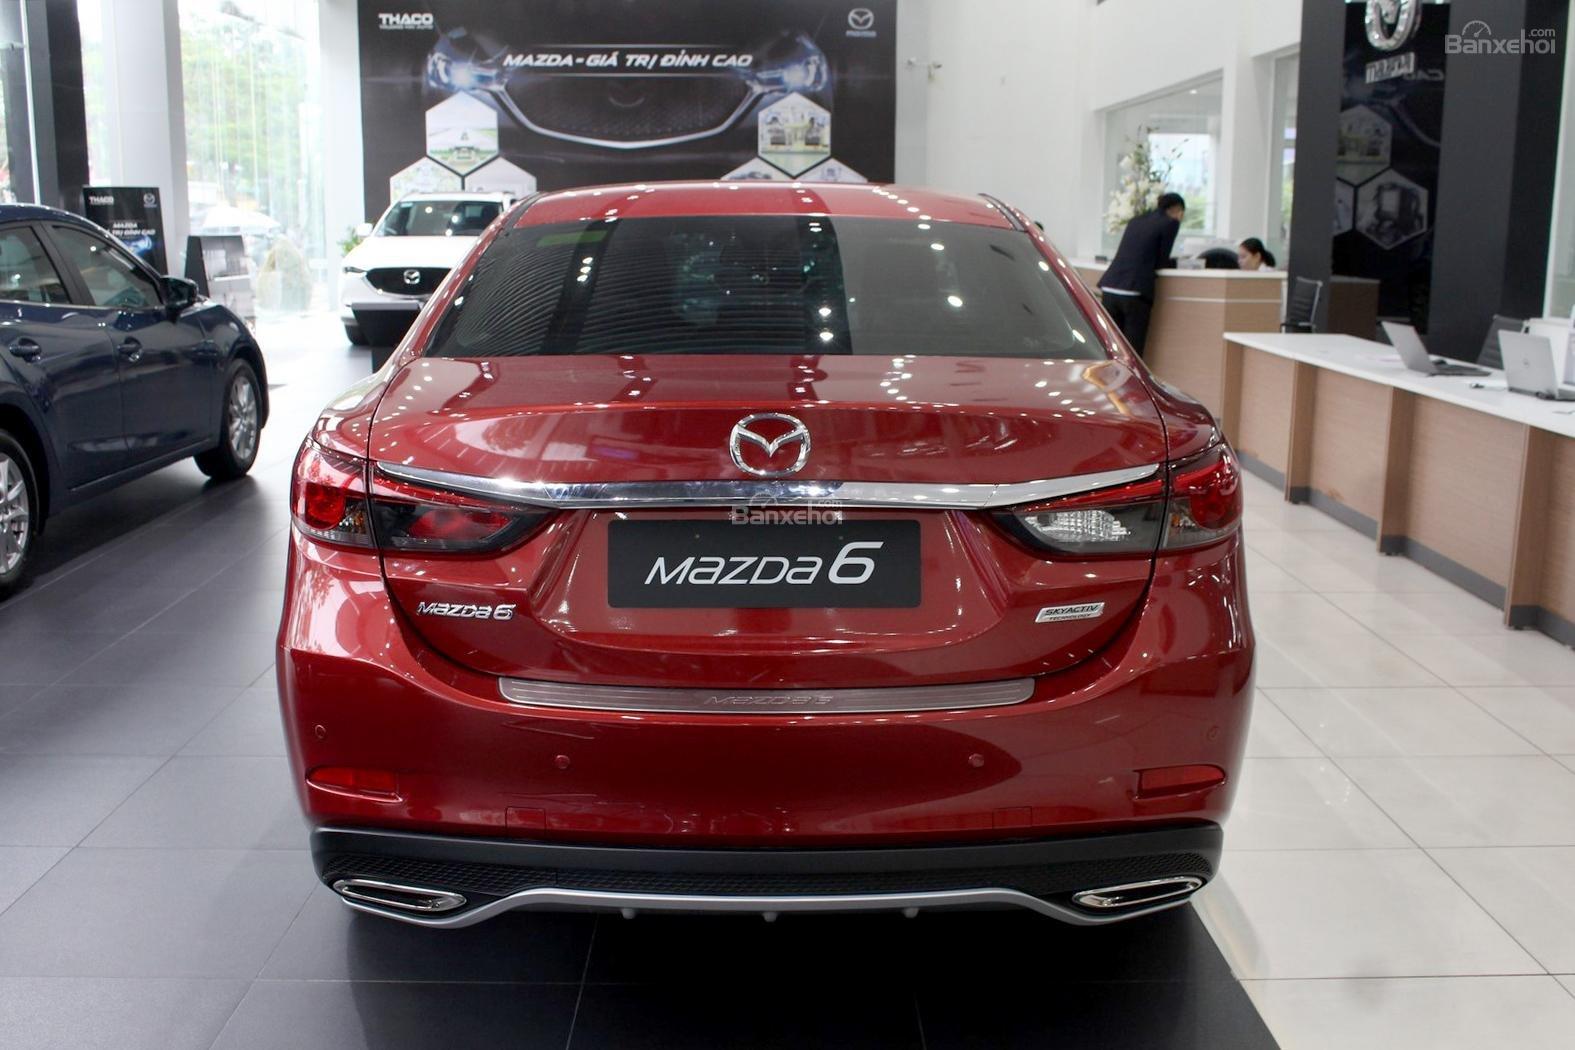 Bán Mazda 6 2.0 AT Premium 2019, xe có sẵn giảm giá cực sốc [Mazda Bình Triệu] (3)